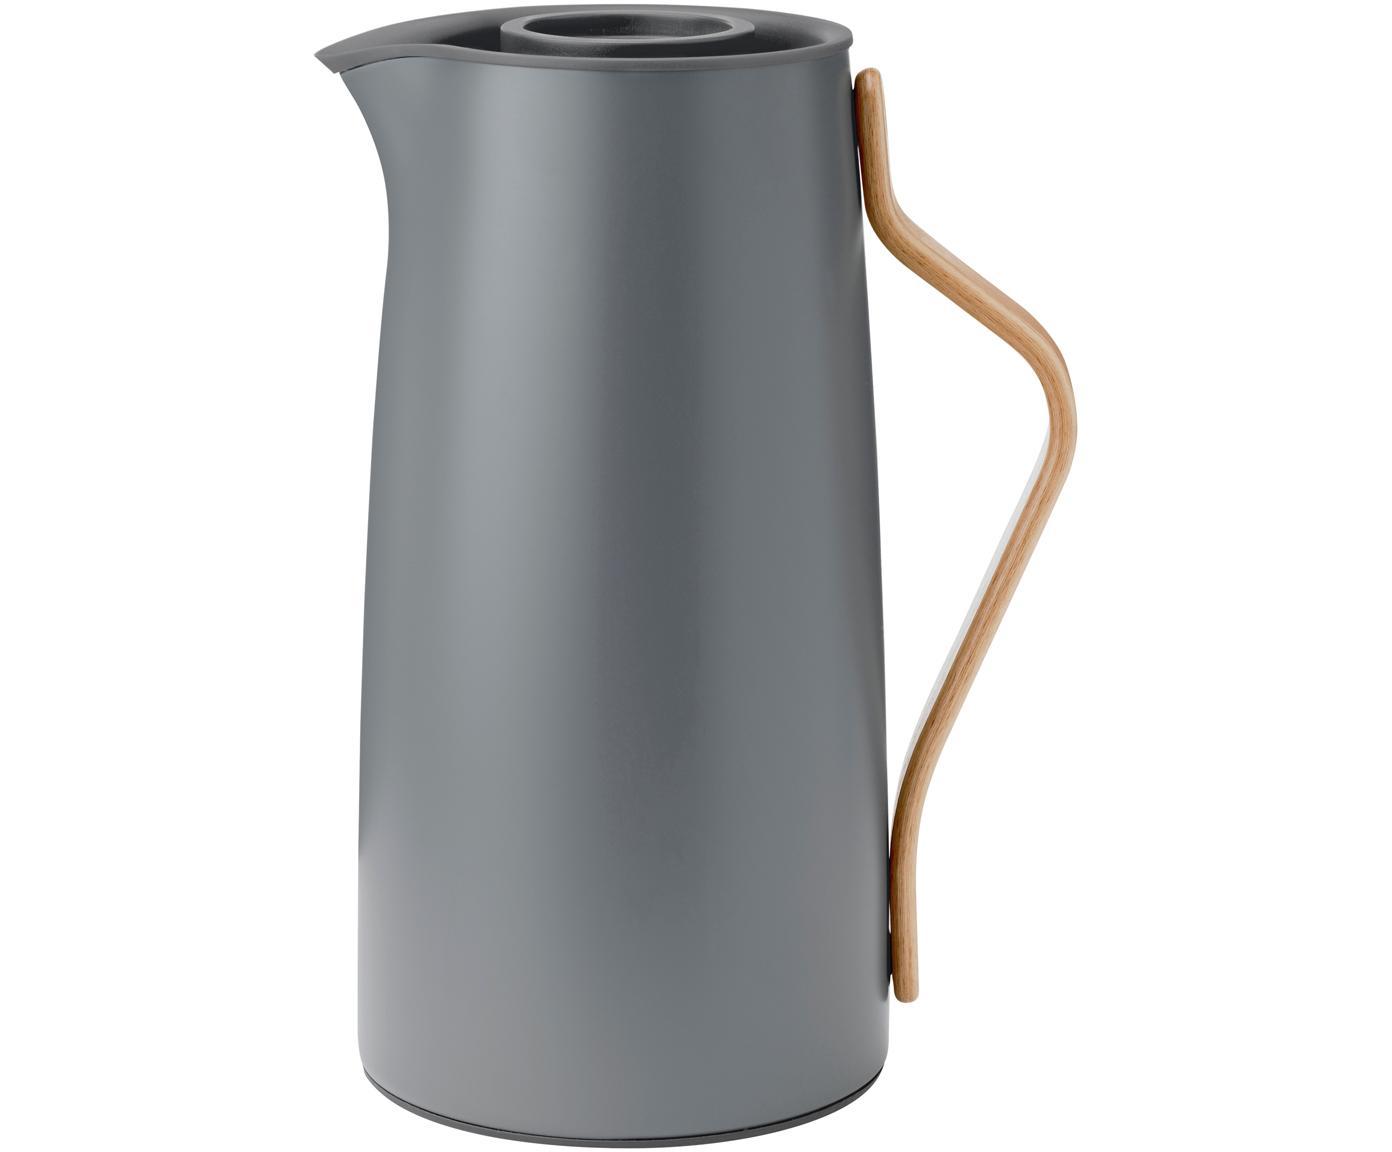 Thermos grigio opaco Emma, Rivestimento: smalto, opaco, Manico: legno di faggio, Grigio opaco, 1.2 L